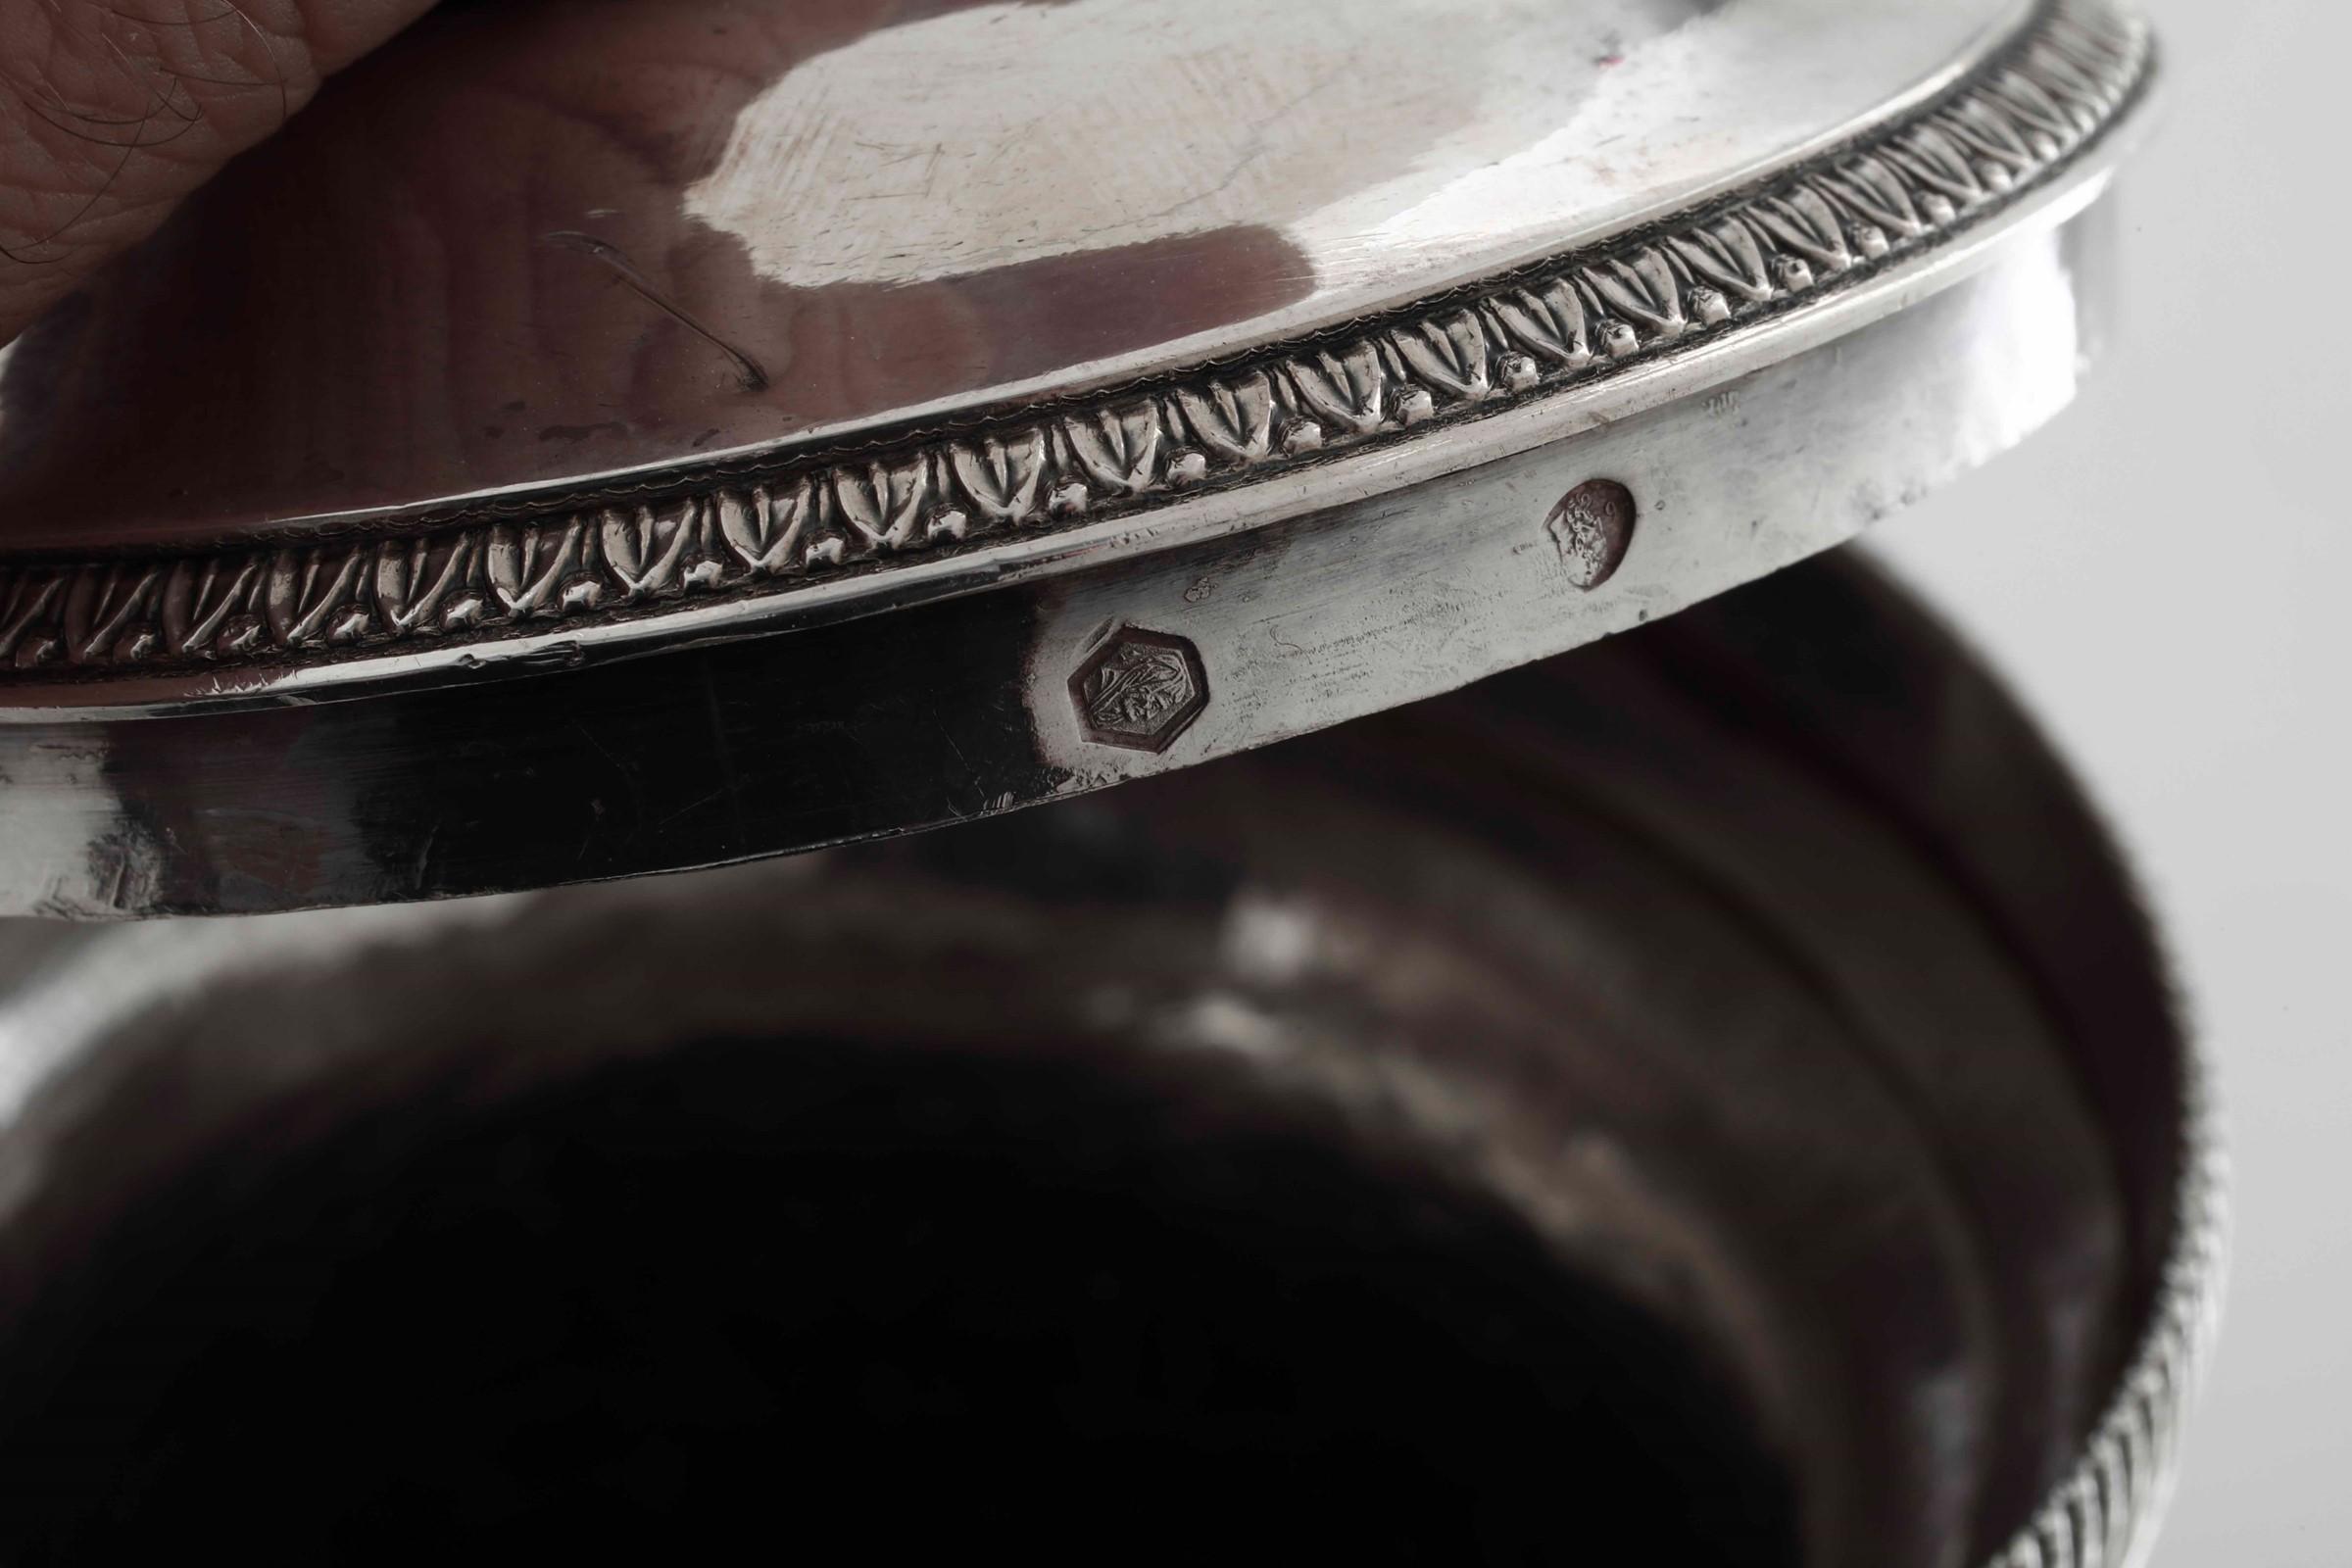 Caffettiera in argento primo titolo fuso, sbalzato e cesellato. Francia marchi di [...] - Image 5 of 5